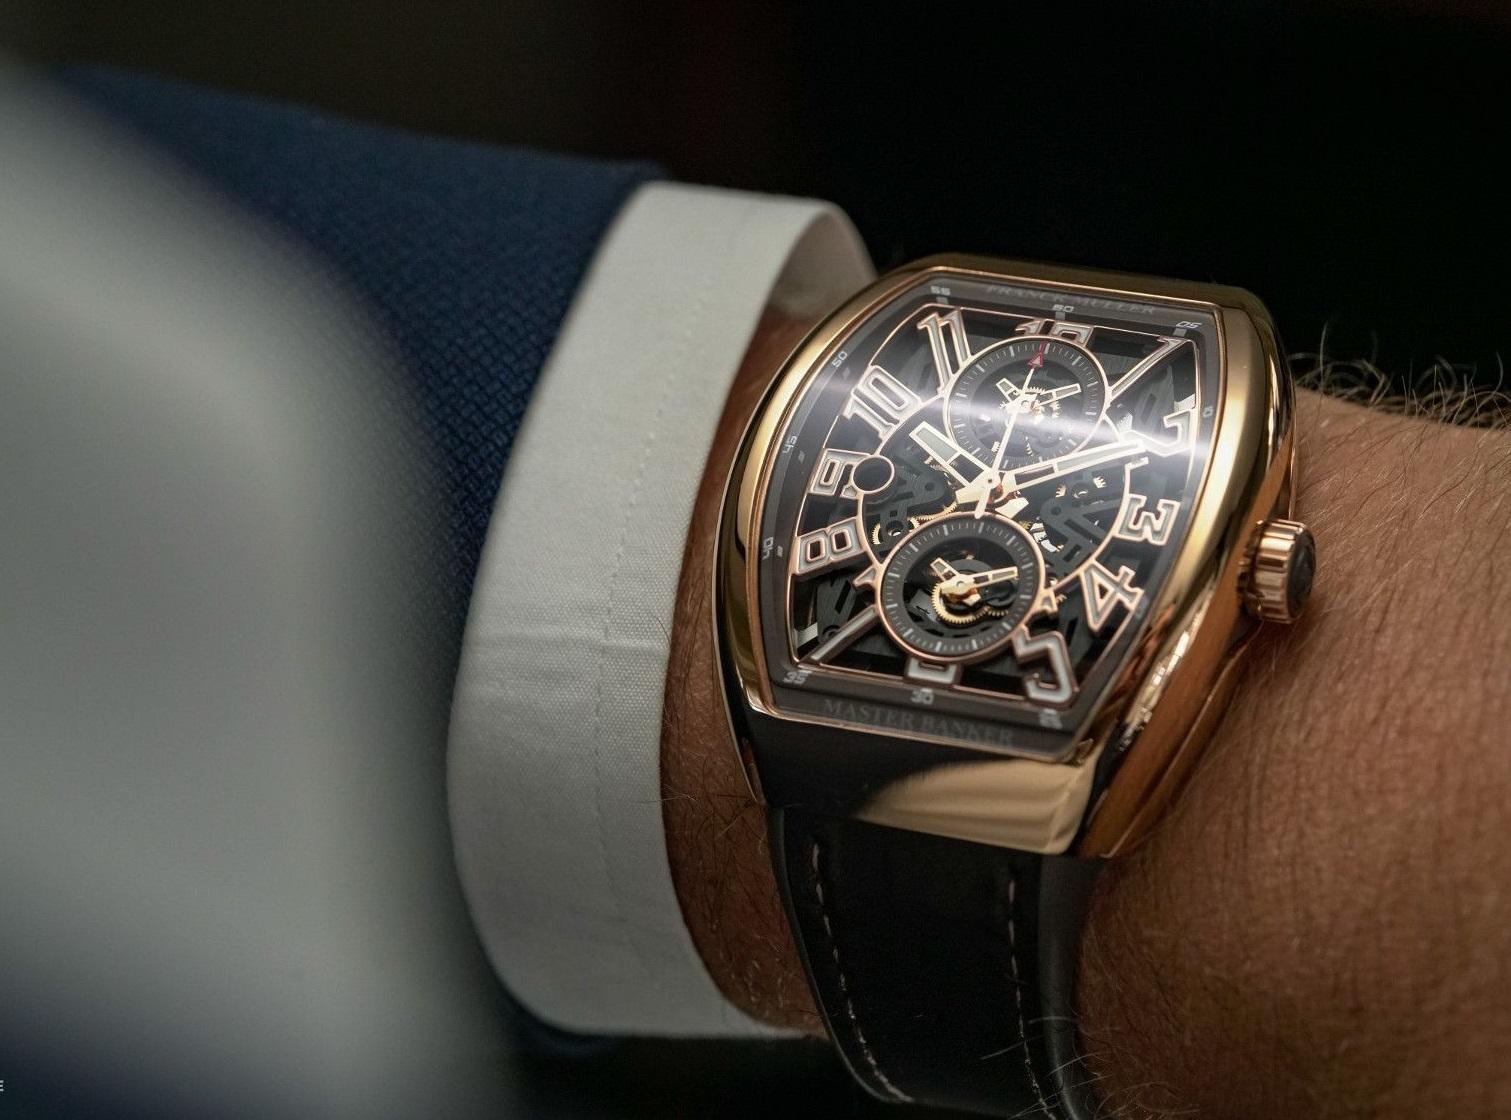 5 mẫu đồng hồ Franck Muller hàng đầu cho phái mạnh năm 2021